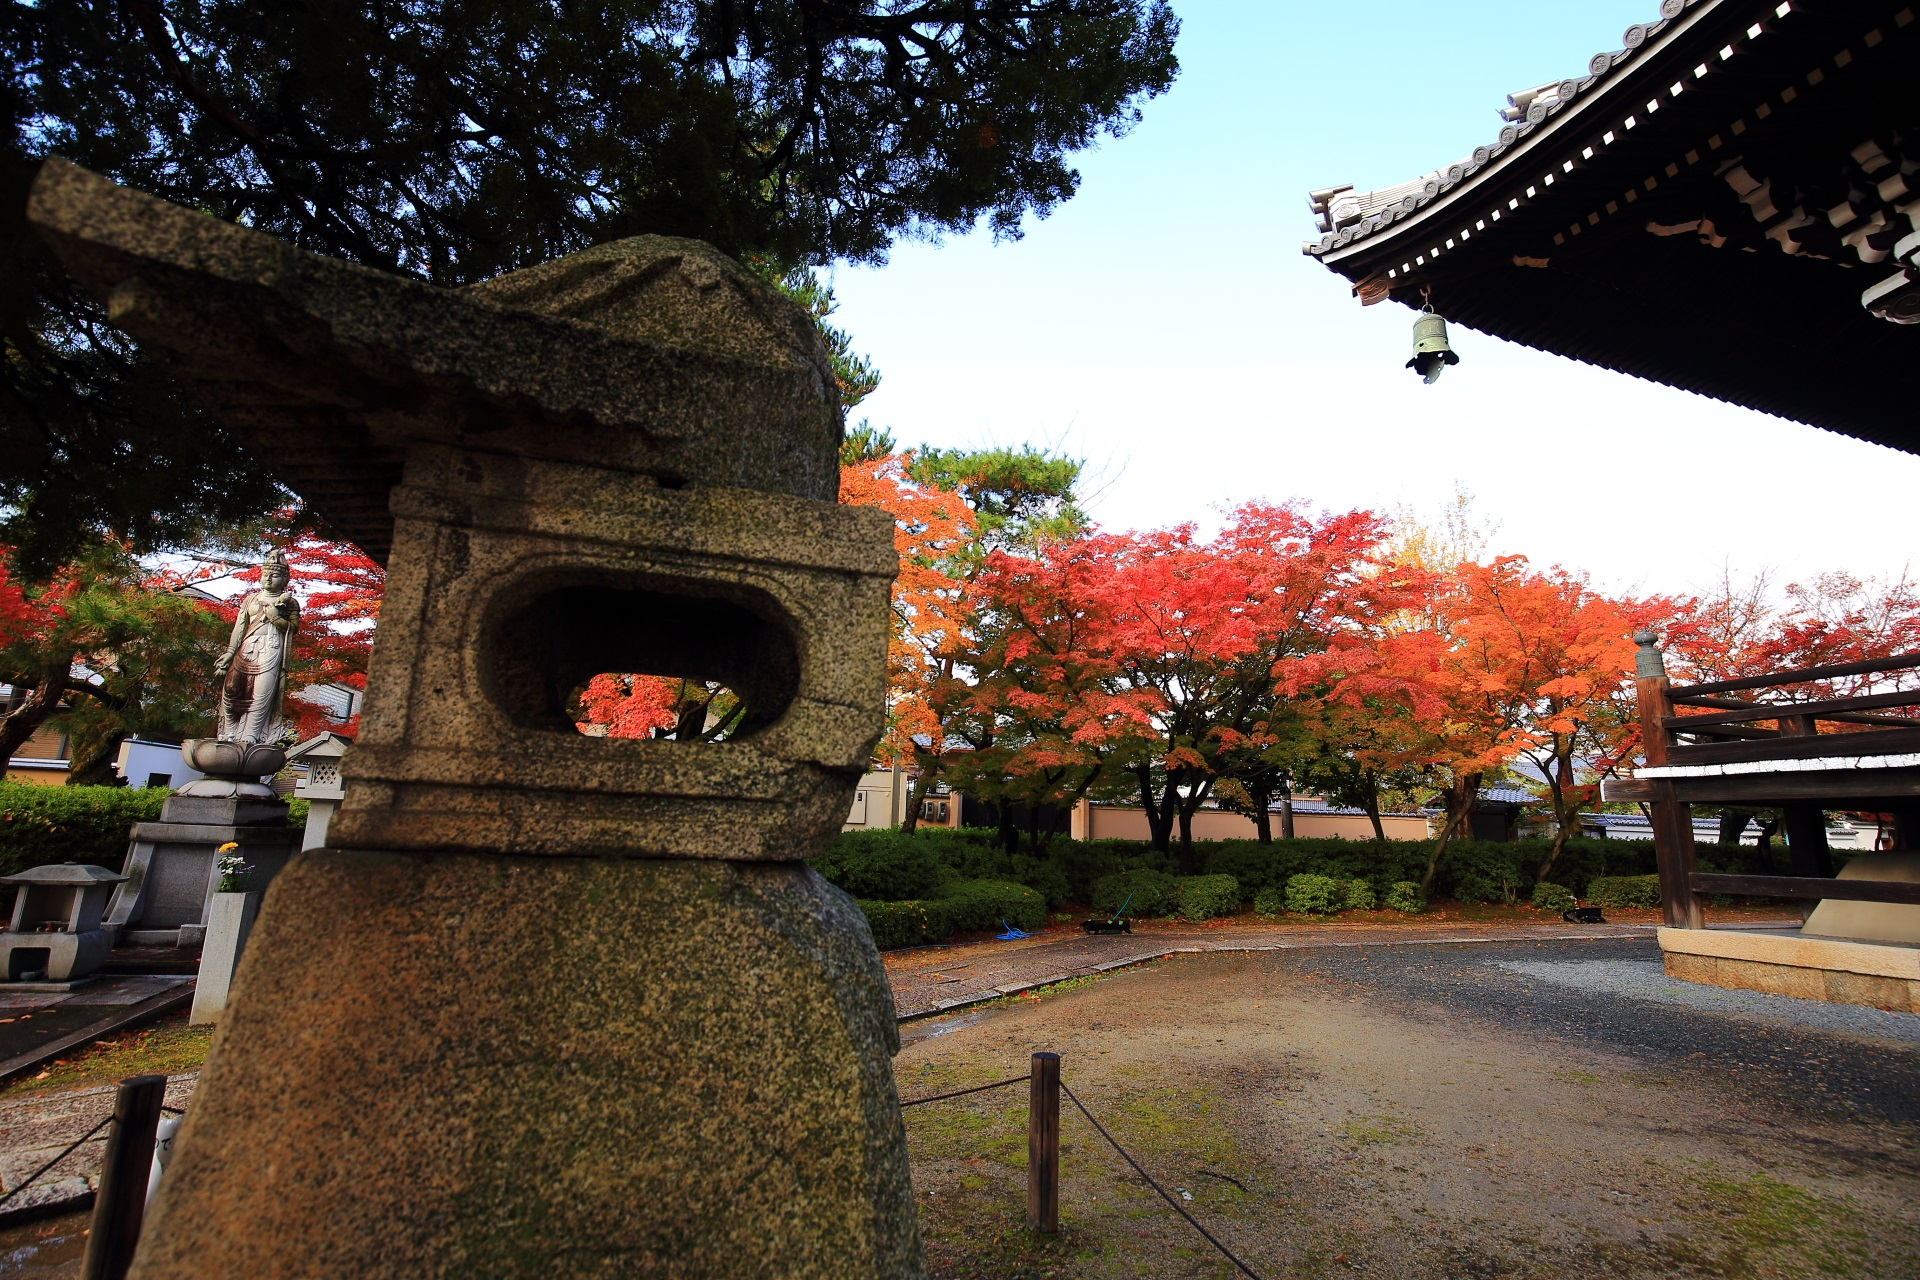 妙顕寺の本堂を囲むように華やぐ淡い紅葉